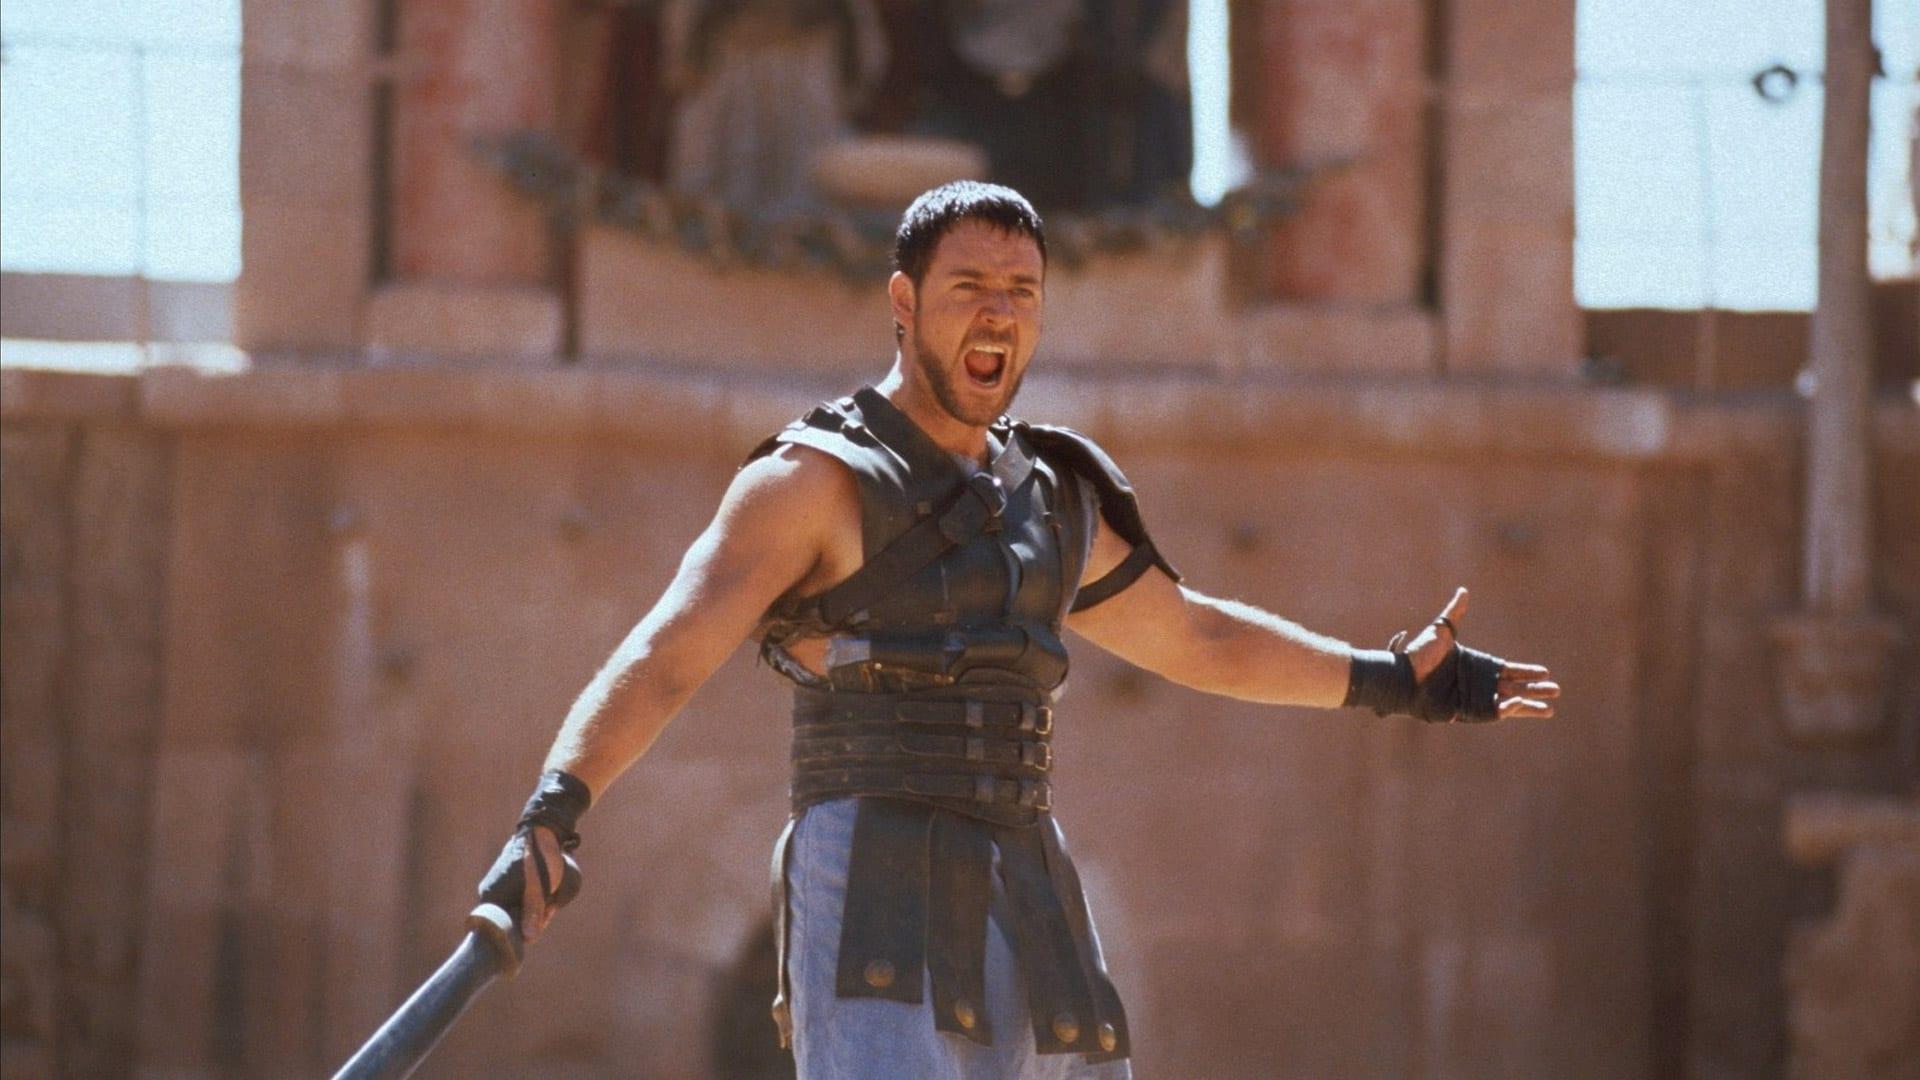 Gladiadores, quem eram? - História, treinamento, animais, espetáculo fatal